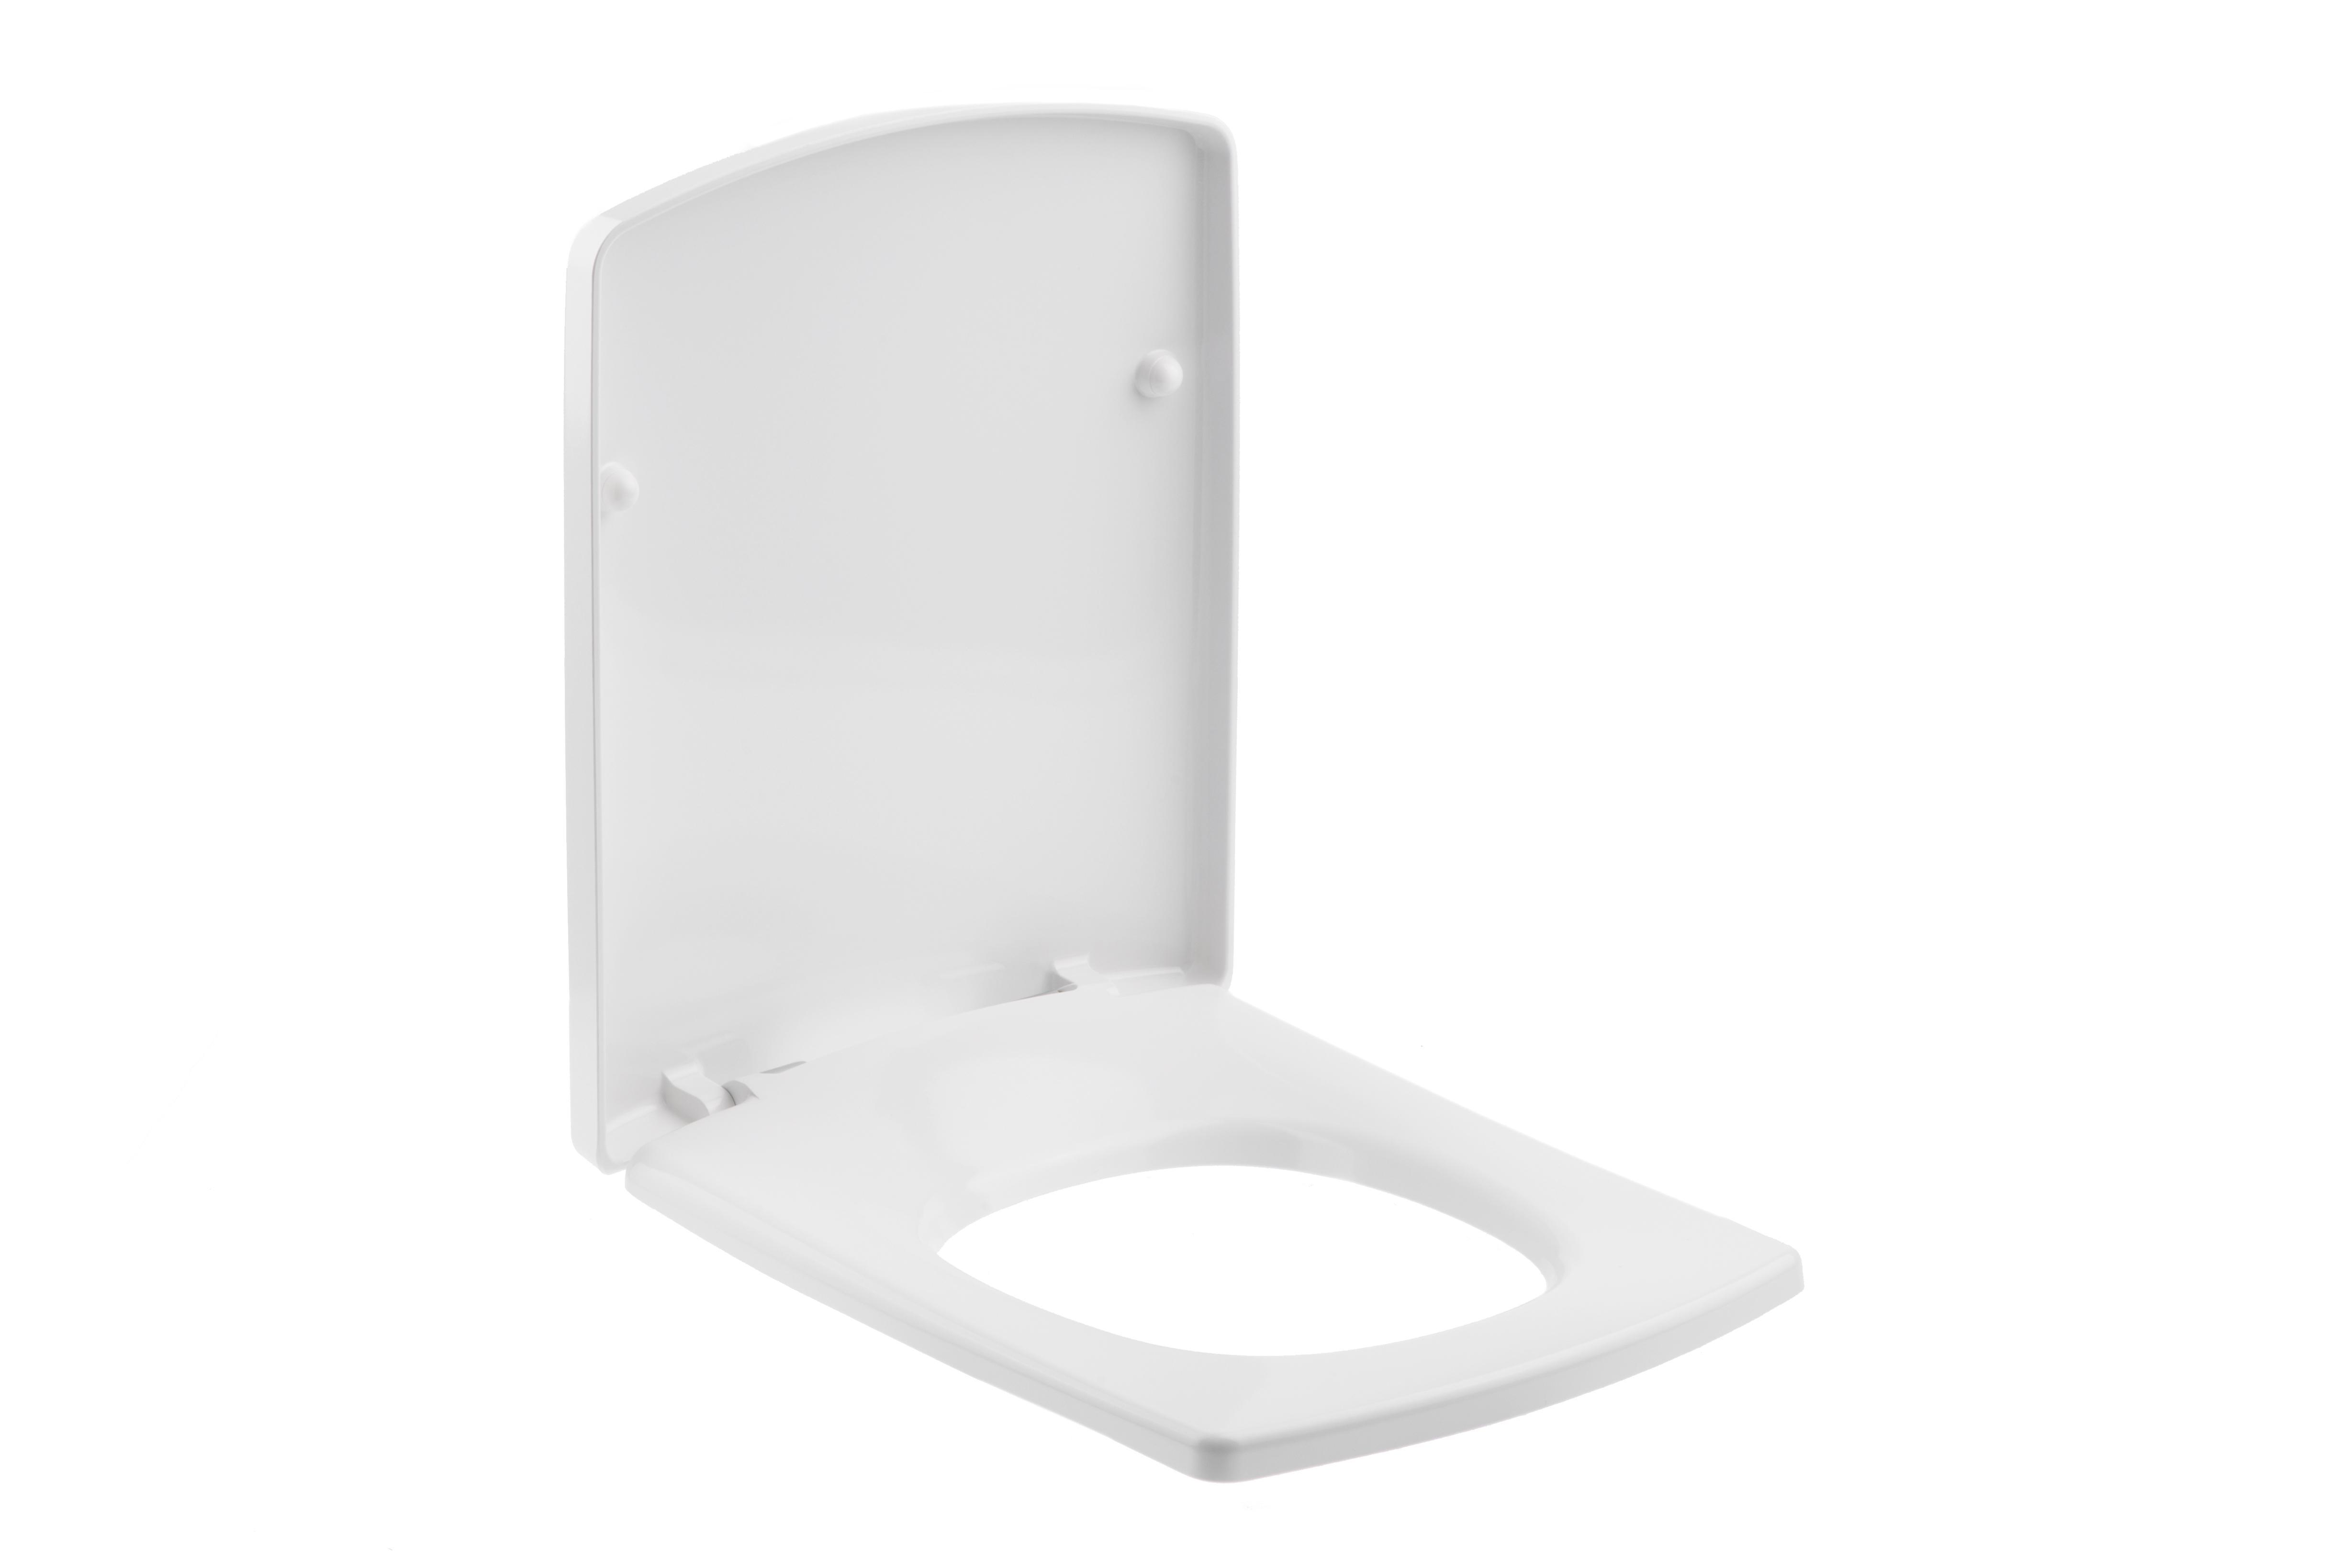 Сиденье для унитаза Jacob delafon Escale e70004-00 супермаркет] [jingdong подушка ковыль 3 придерживались кнопки туалета теплого сиденье для унитаза крышка унитаза 1g5865